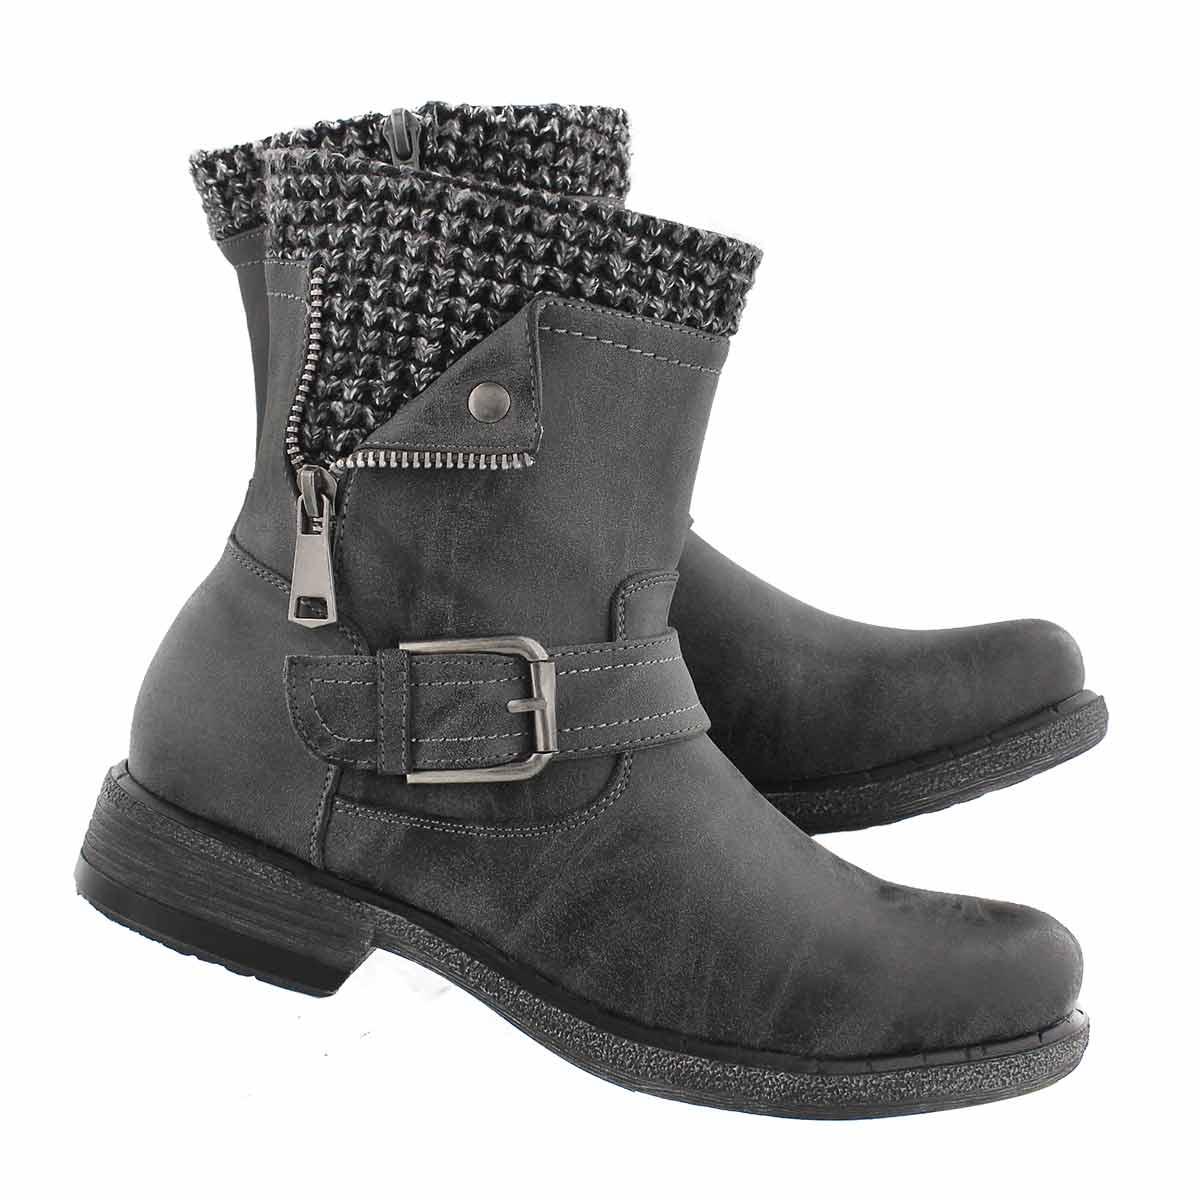 Lds Sasha grey side zip combat boot